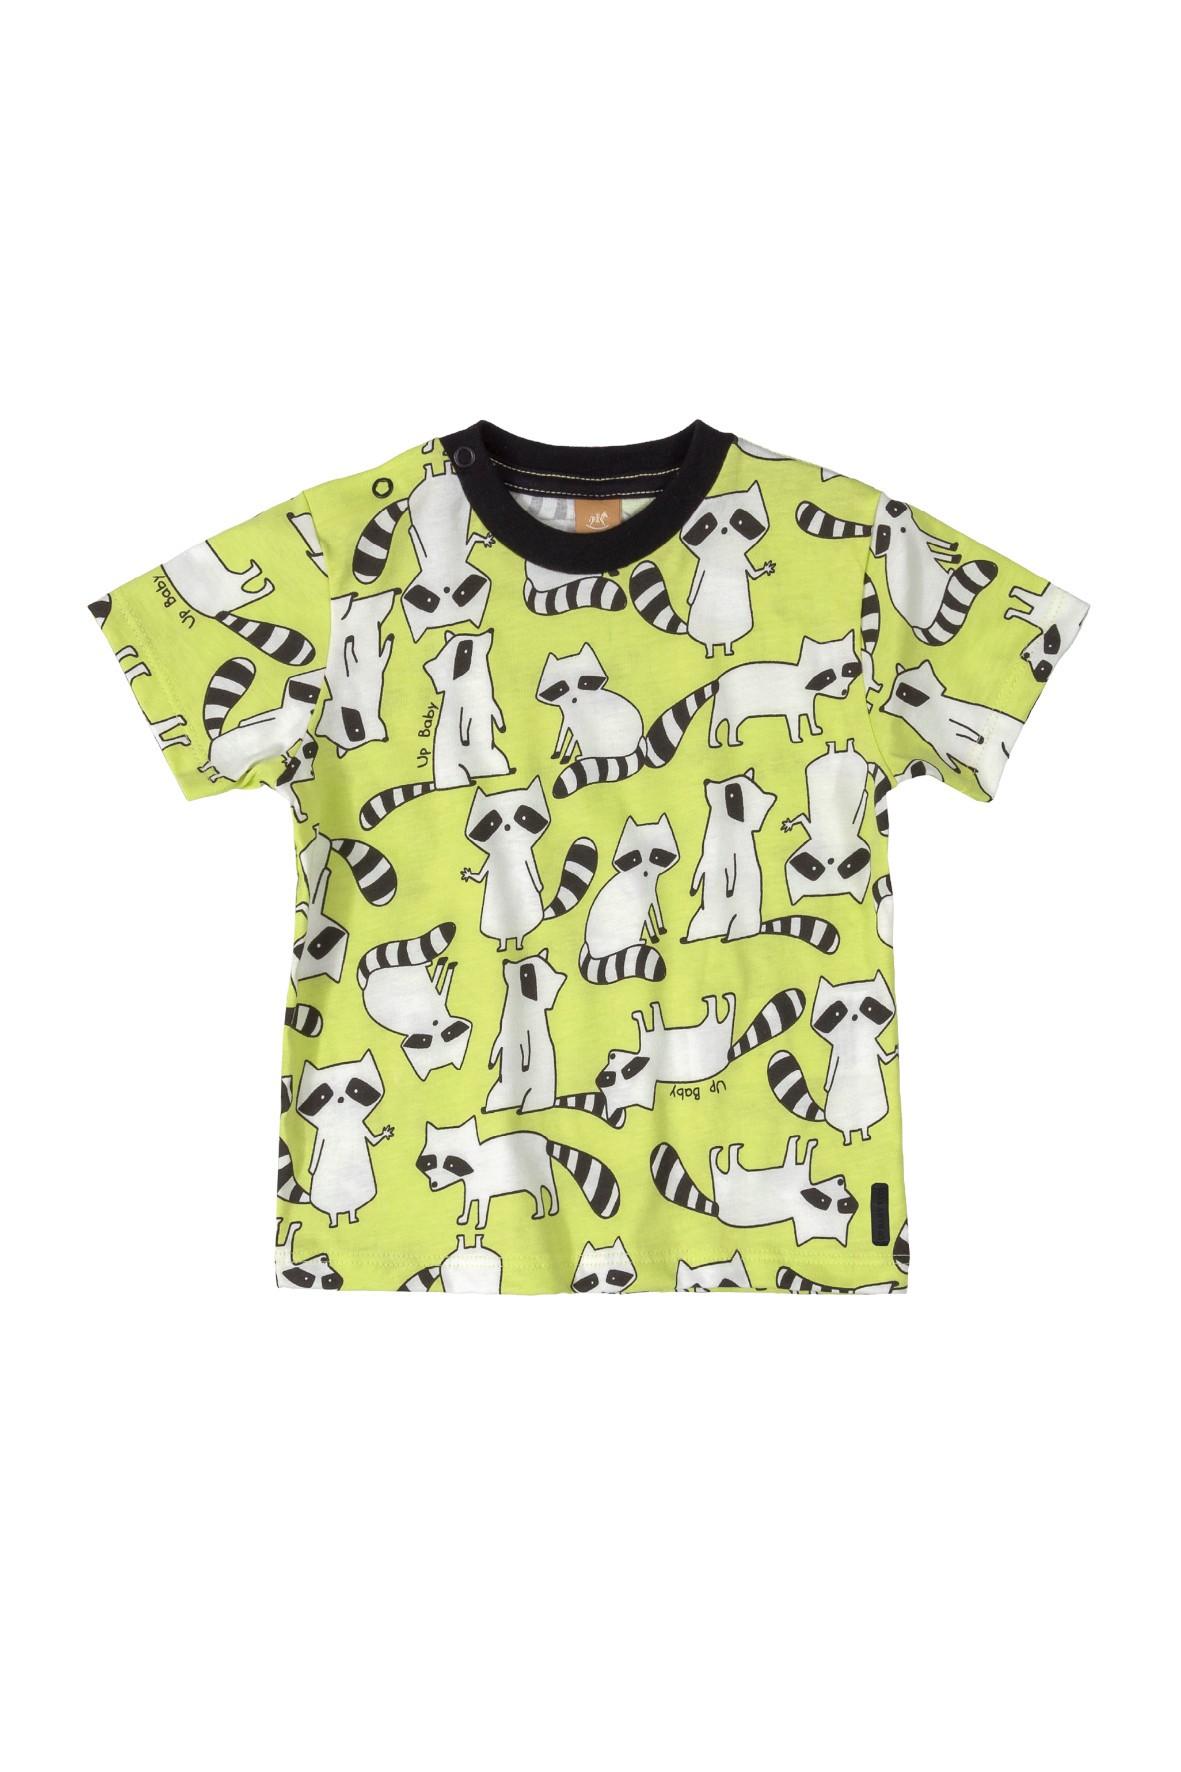 Koszulka niemowlęca w szopy - żółta